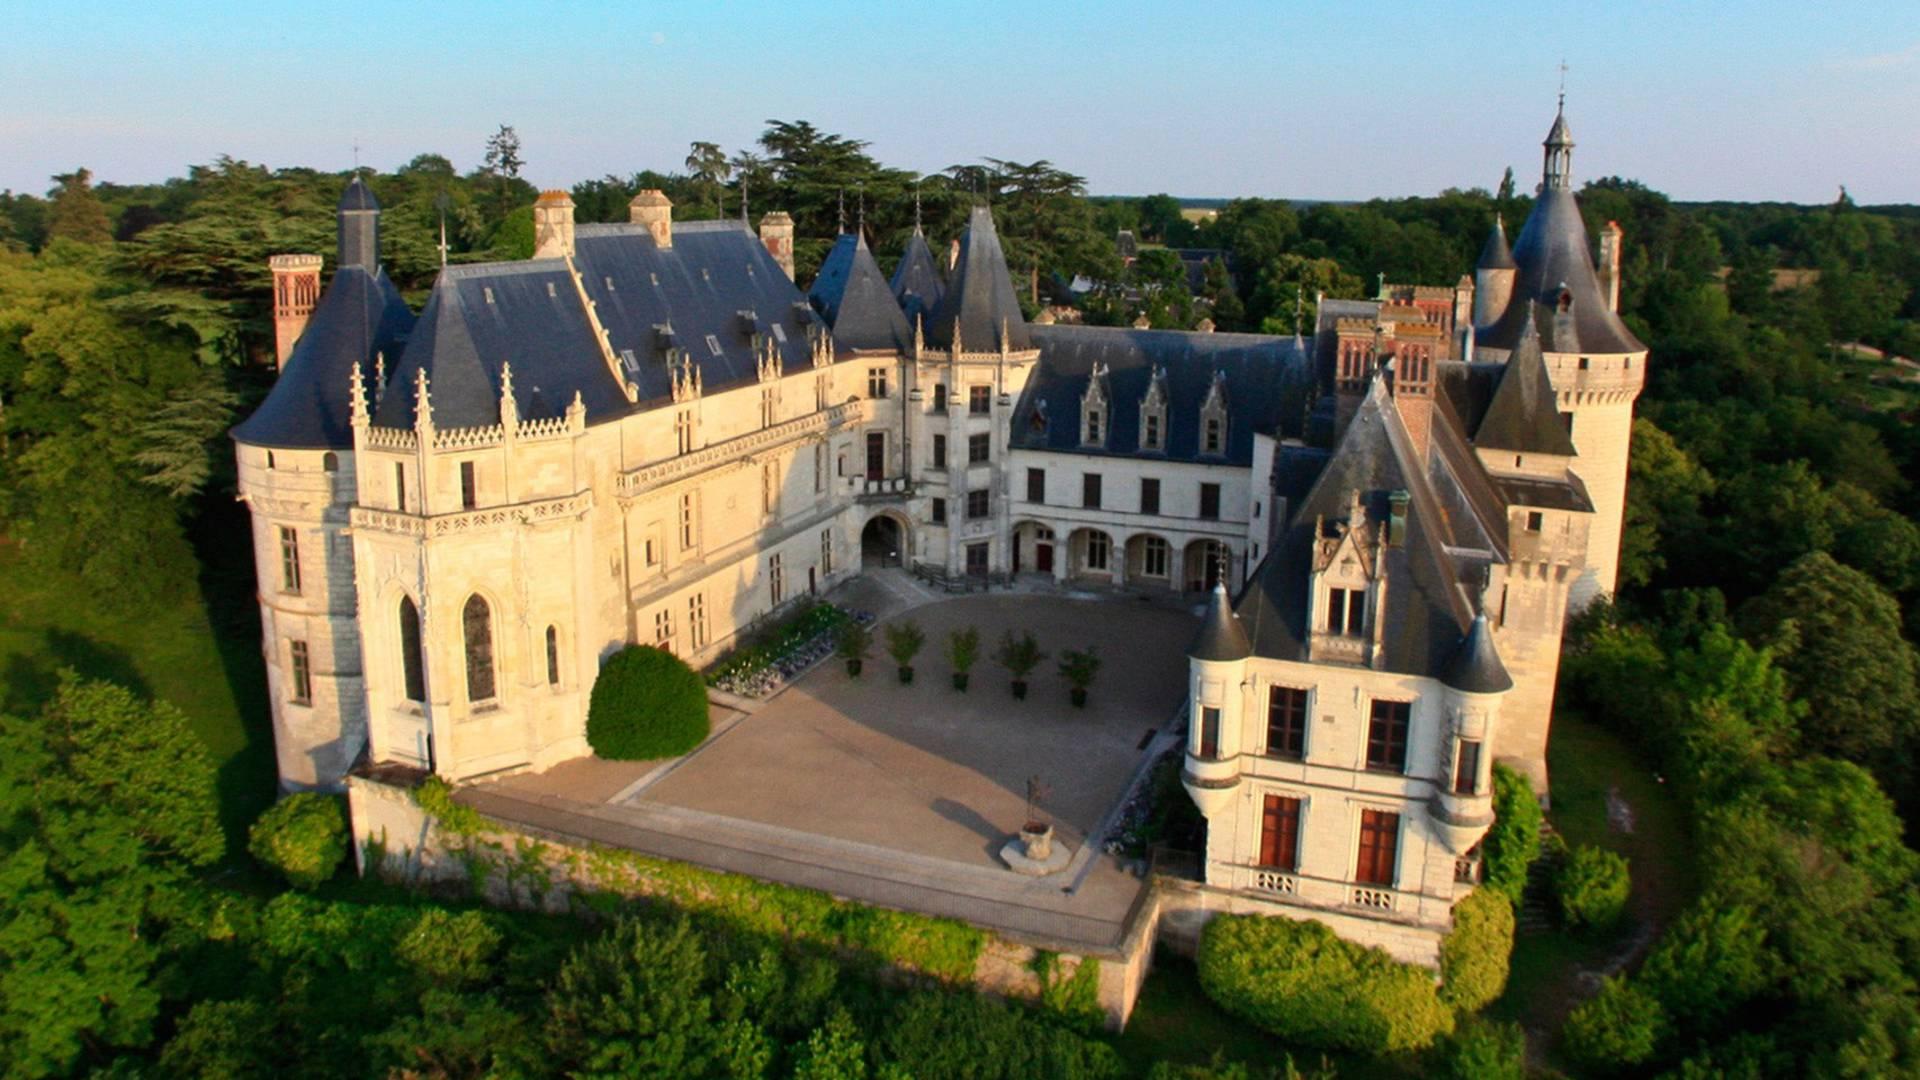 Das Schloss von Chaumont-sur-Loire